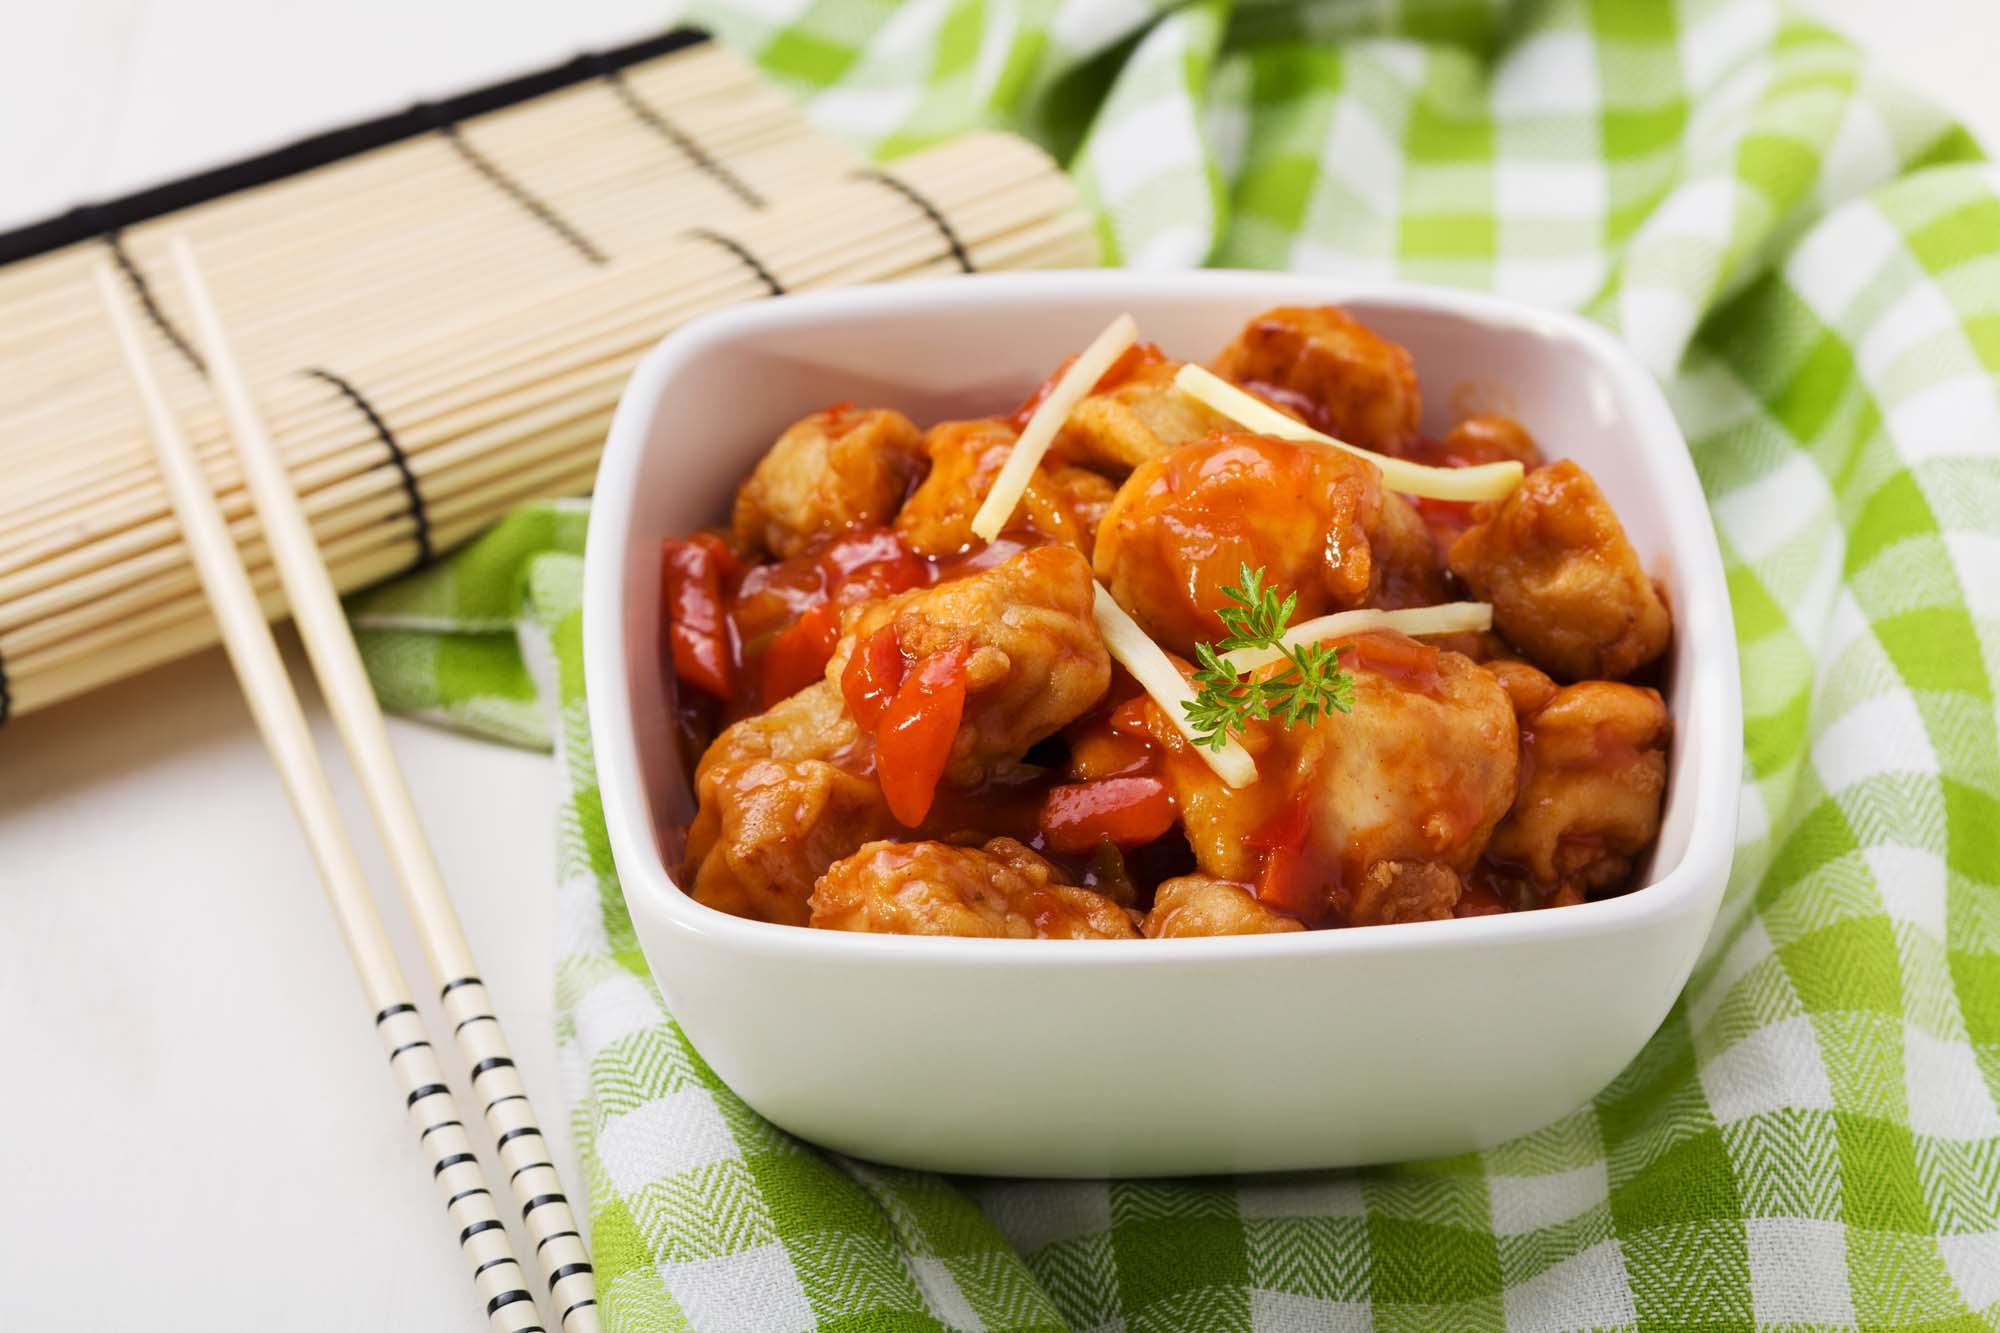 Indbagt kylling med sur sød sauce